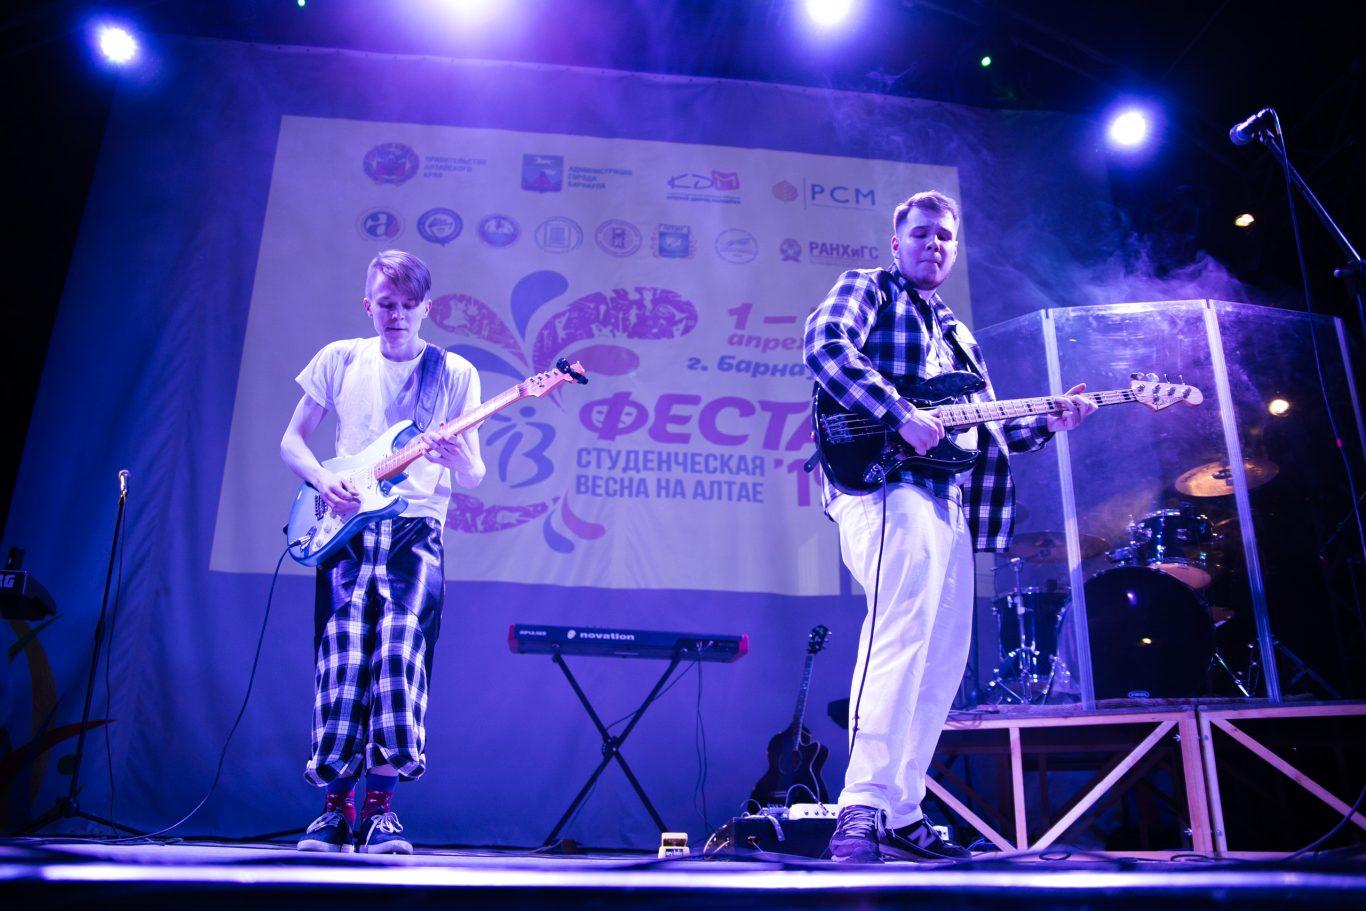 www.altairegion22.ru: Более 800 человек участвуют в фестивале «Студенческая весна на Алтае. Феста - 2019»